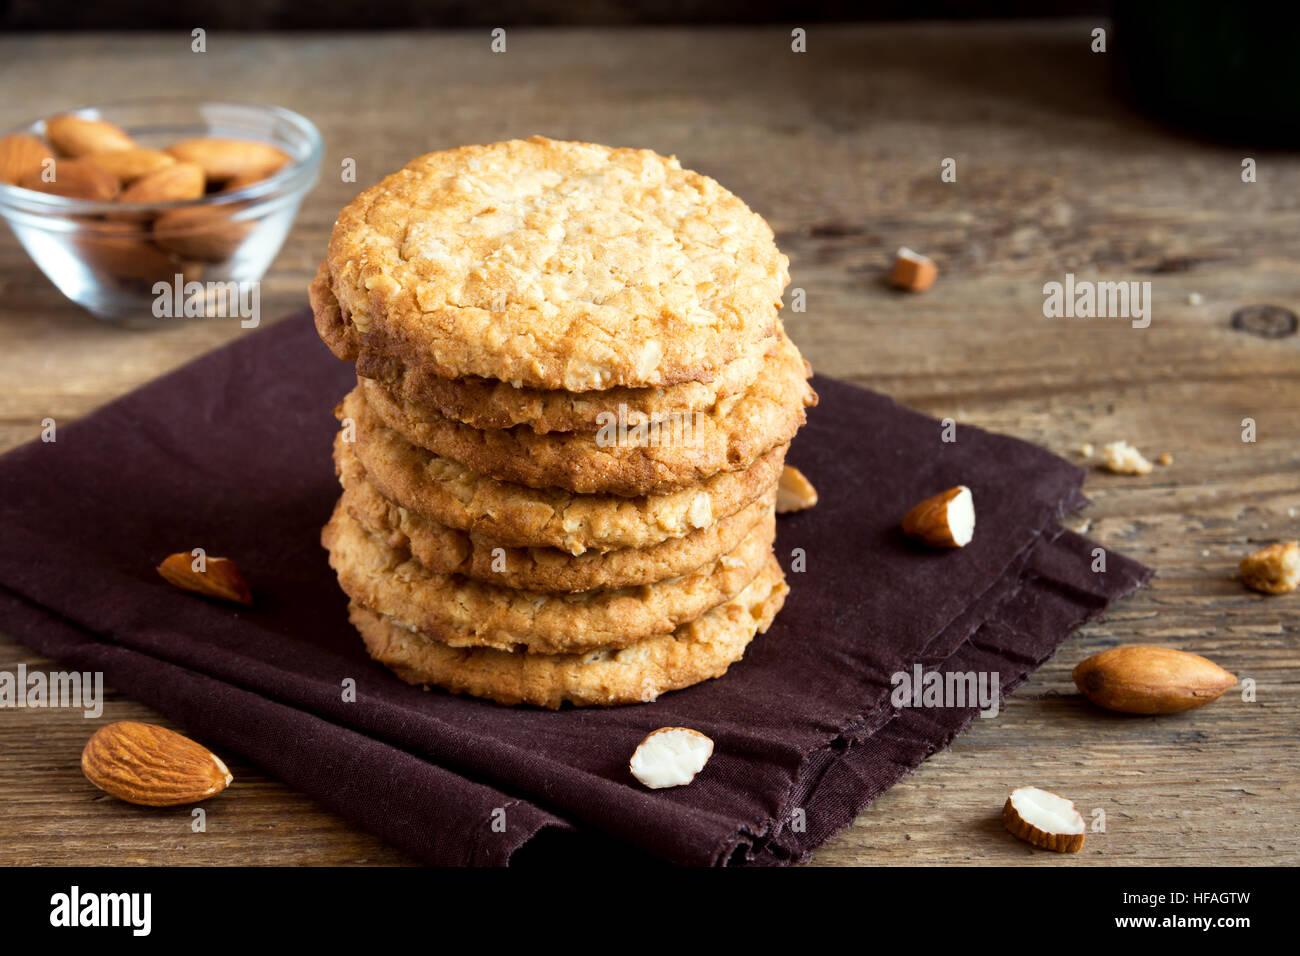 Galletas de almendra caseros sobre la mesa de madera con copia espacio - saludable vegetariano vegano pastelería Imagen De Stock